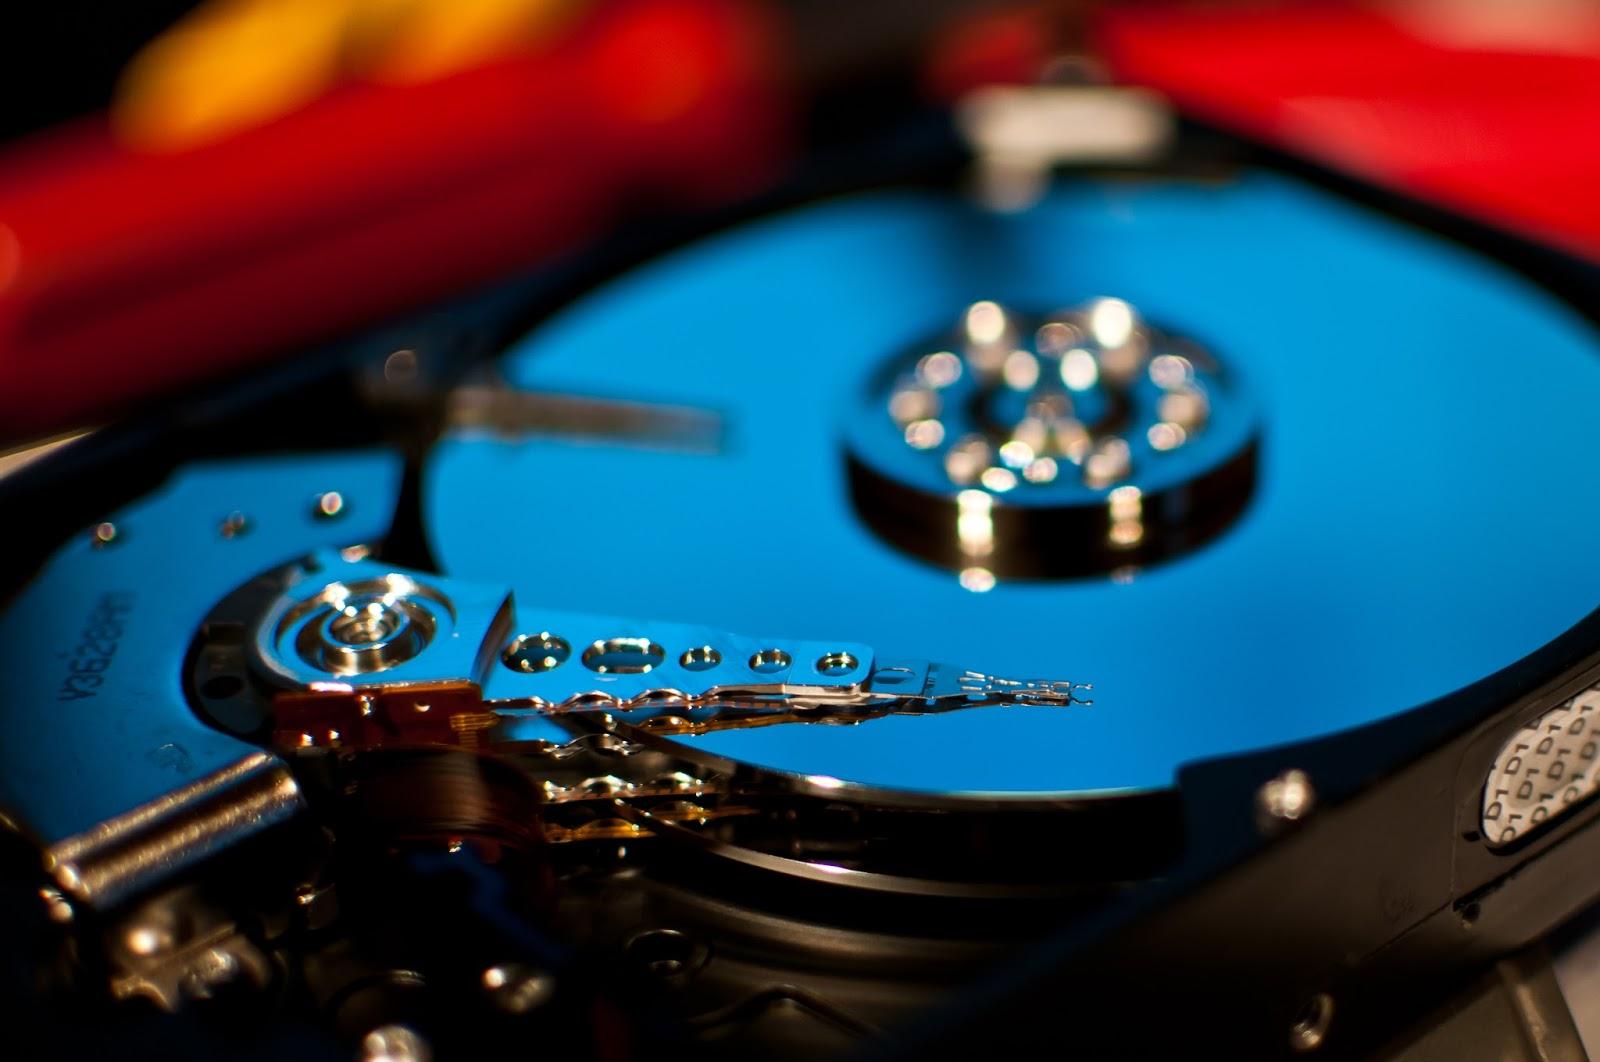 cum prevenim pierderea datelor din laptop